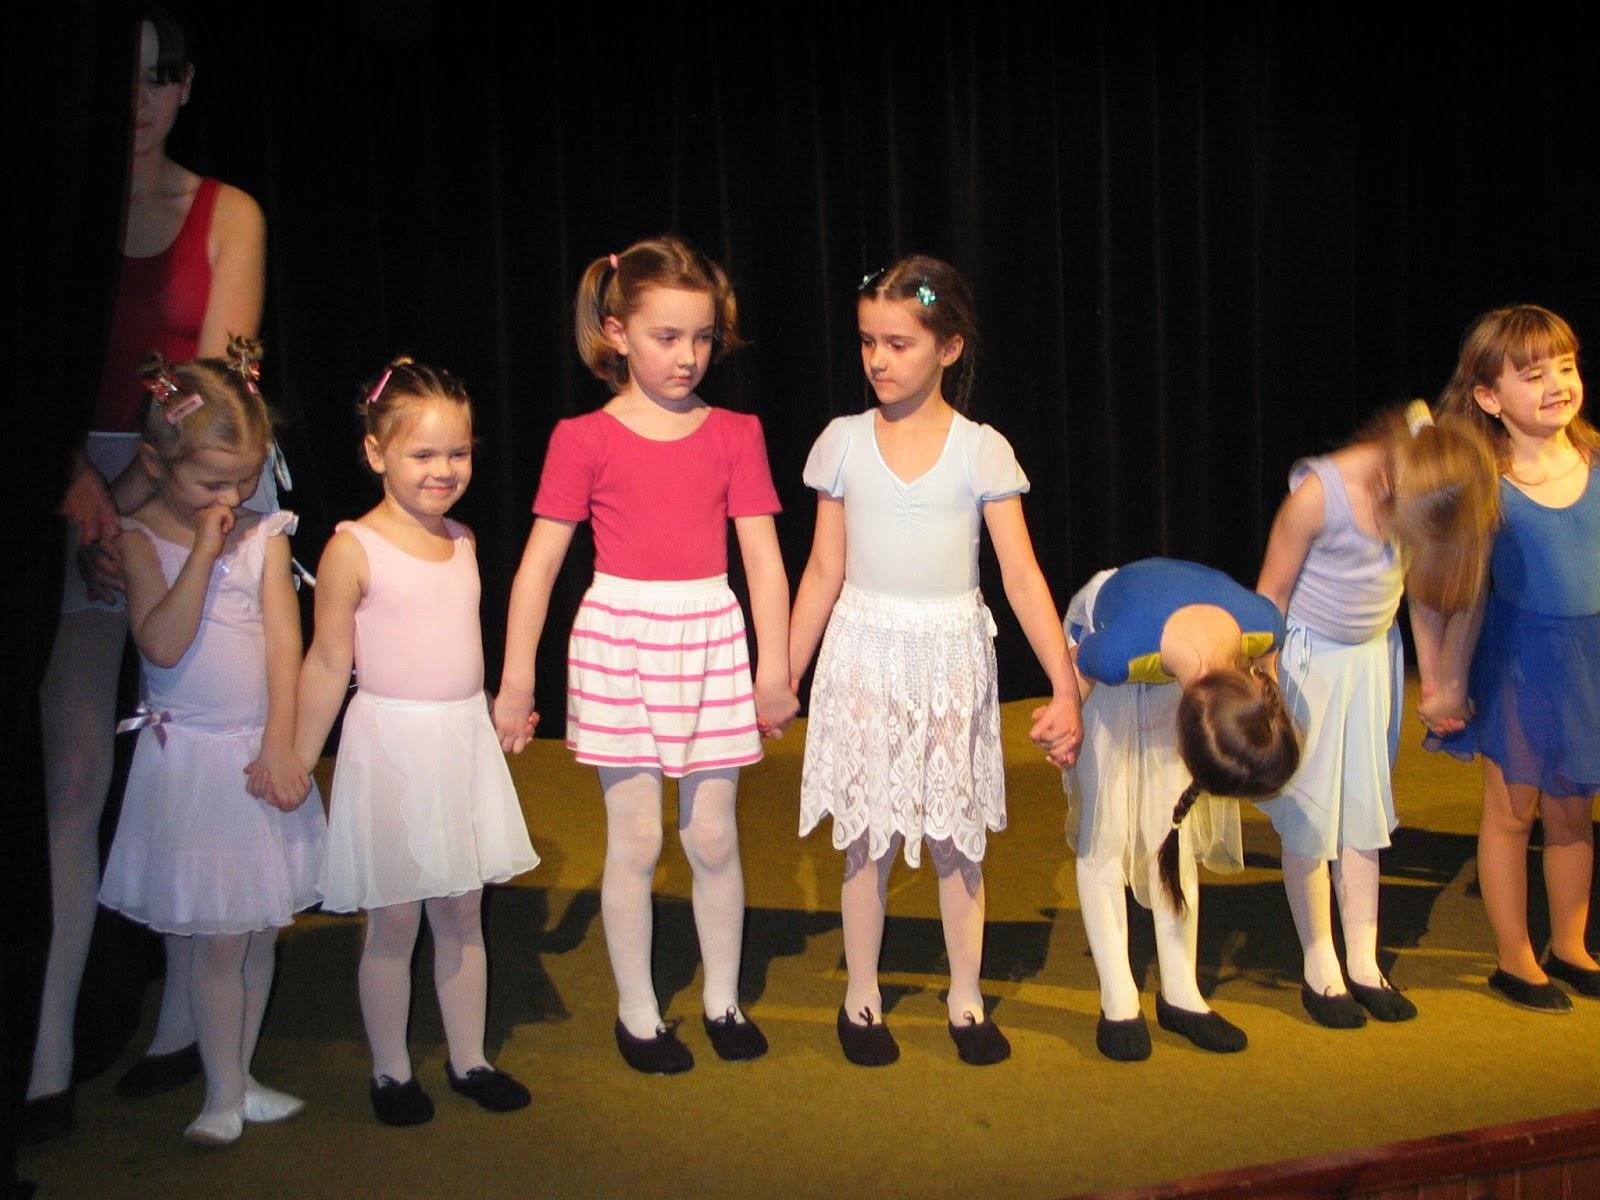 dětské baletní vystoupení